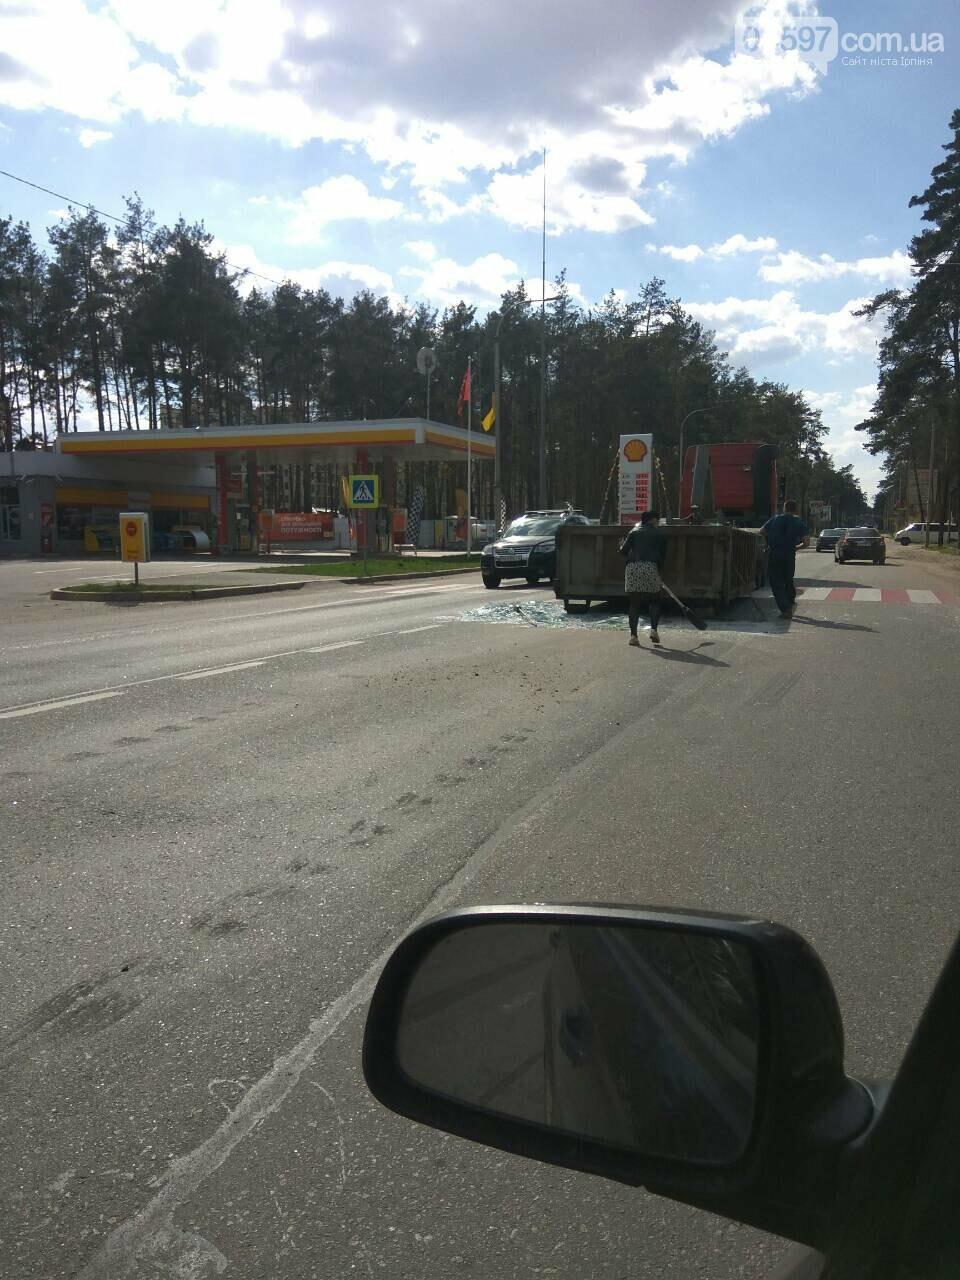 Увага водіям: на Варшавській трасі фура перекрила рух, фото-3